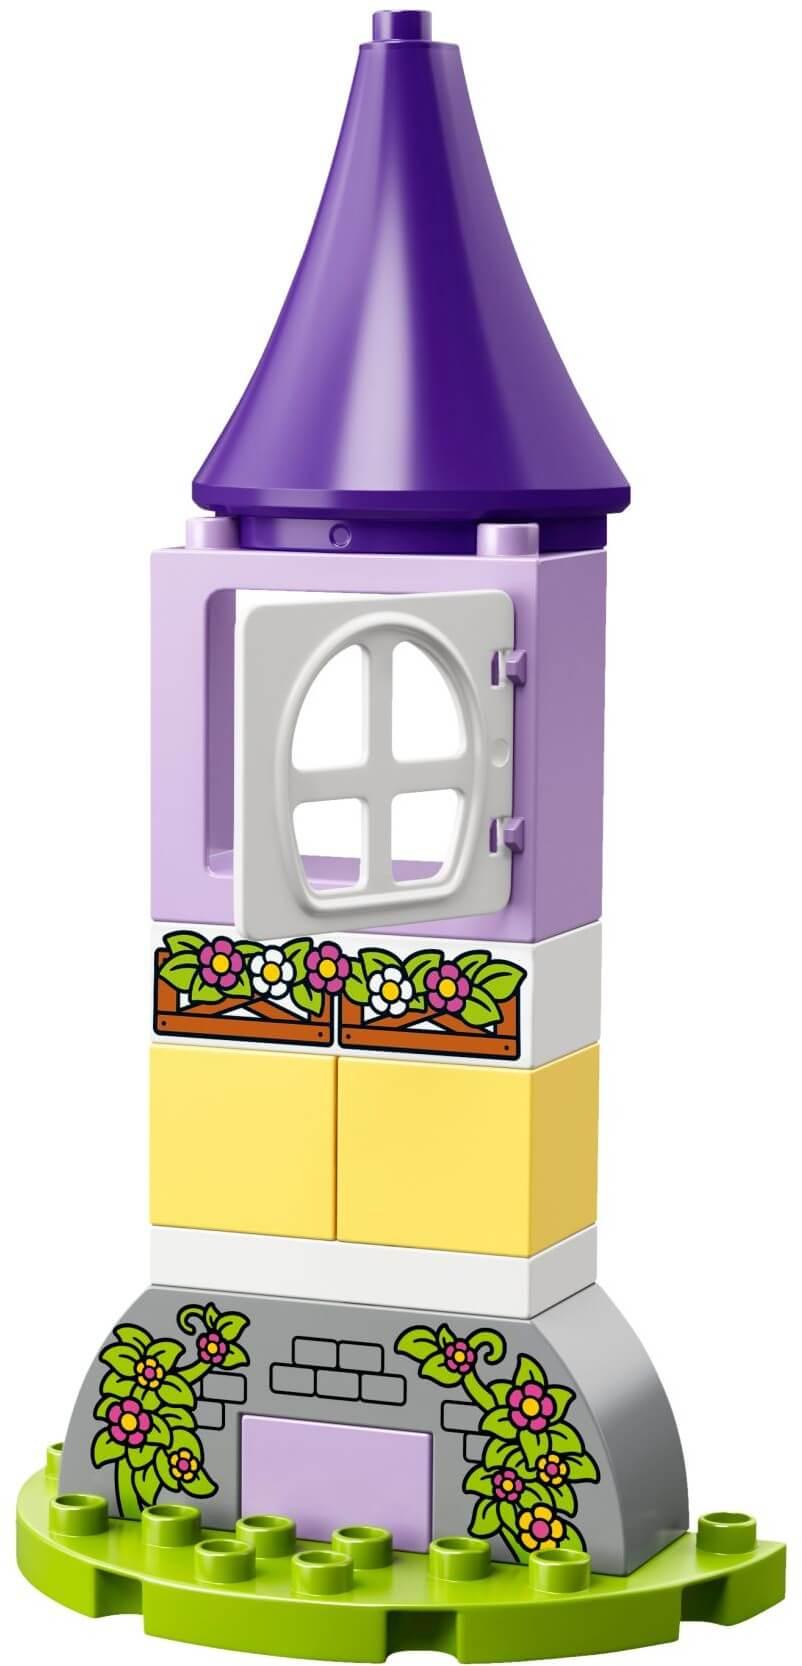 Mua đồ chơi LEGO 10878 - LEGO Duplo 10878 - Tòa Tháp Công Chúa Tóc Mây Rapunzel (LEGO Duplo 10878 Rapunzel´s Tower)